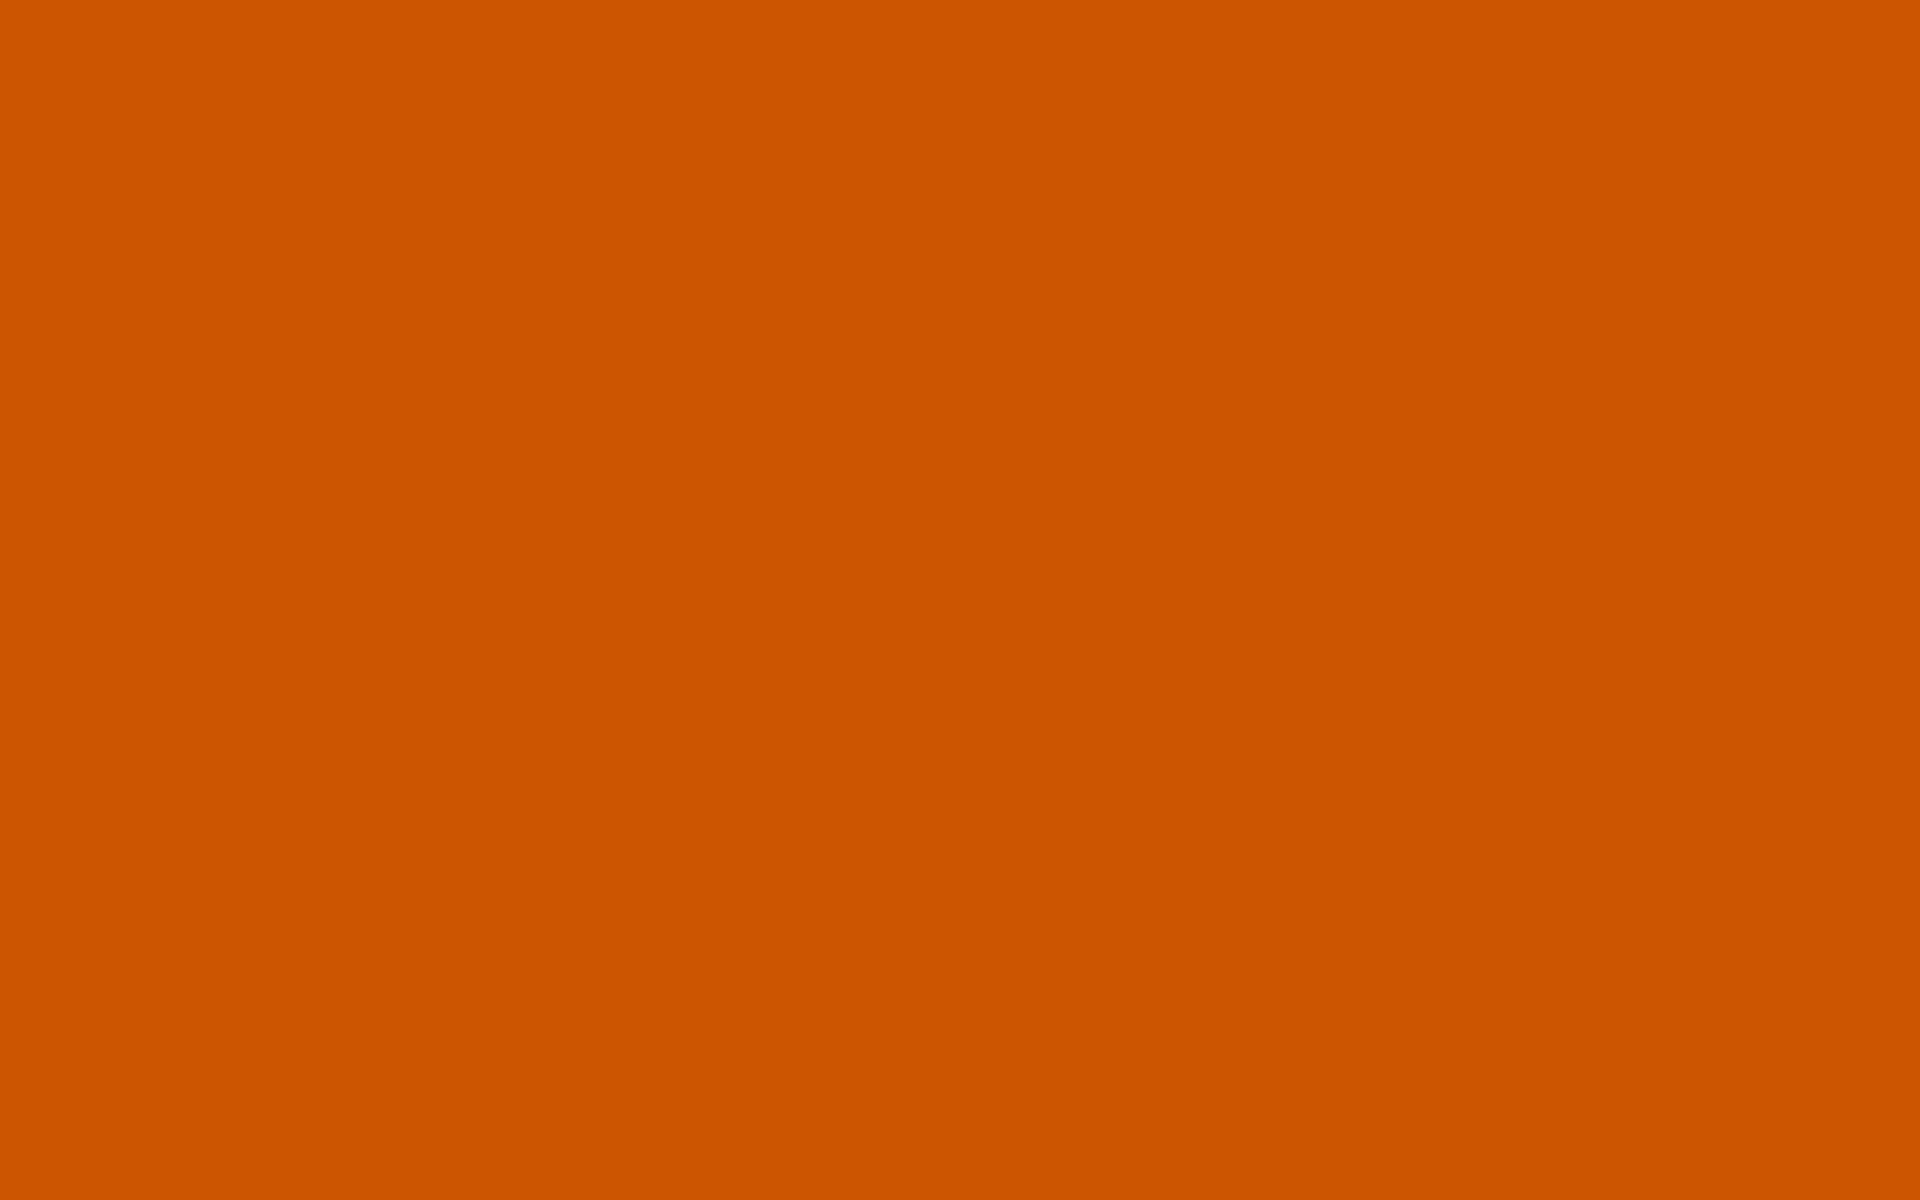 1920x1200 Burnt Orange Solid Color Background